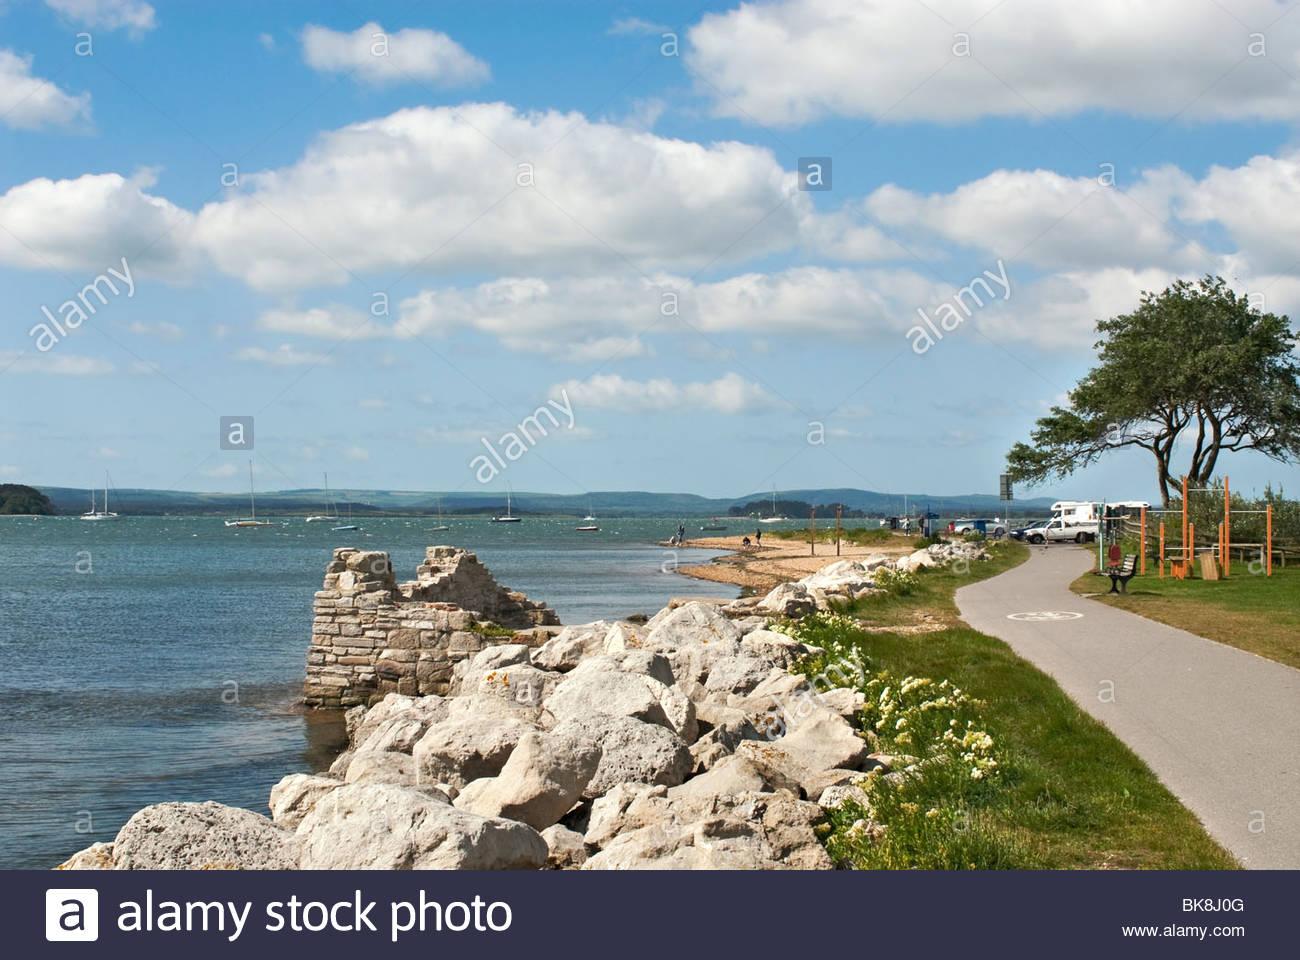 Poole Harbour ist ein großer Naturhafen in Dorset, Südengland, mit der Stadt von Poole an seinen Ufern. Stockbild